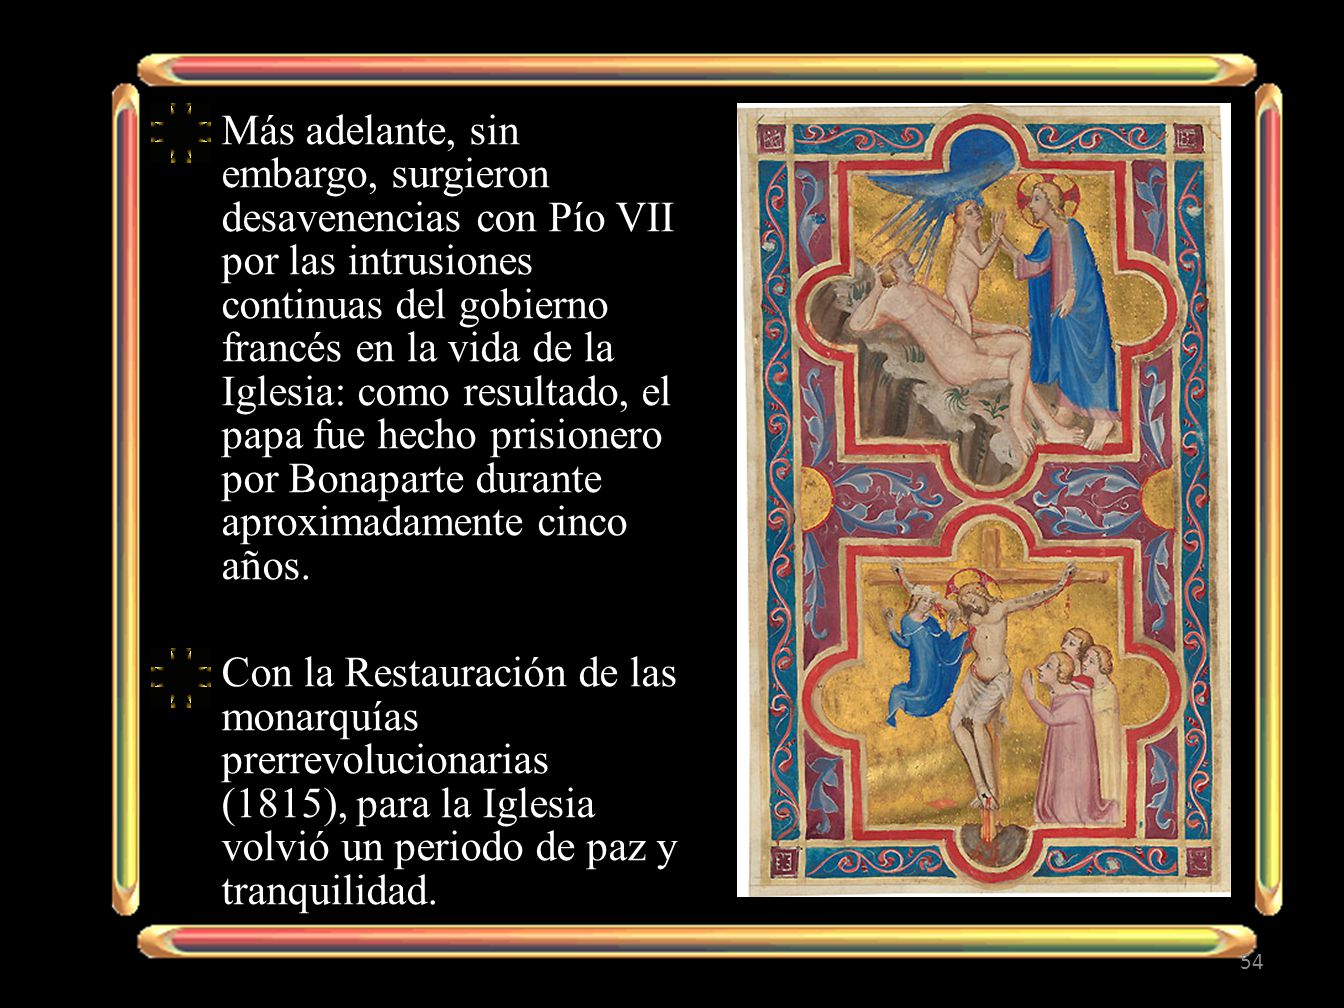 Más adelante, sin embargo, surgieron desavenencias con Pío VII por las intrusiones continuas del gobierno francés en la vida de la Iglesia: como resul